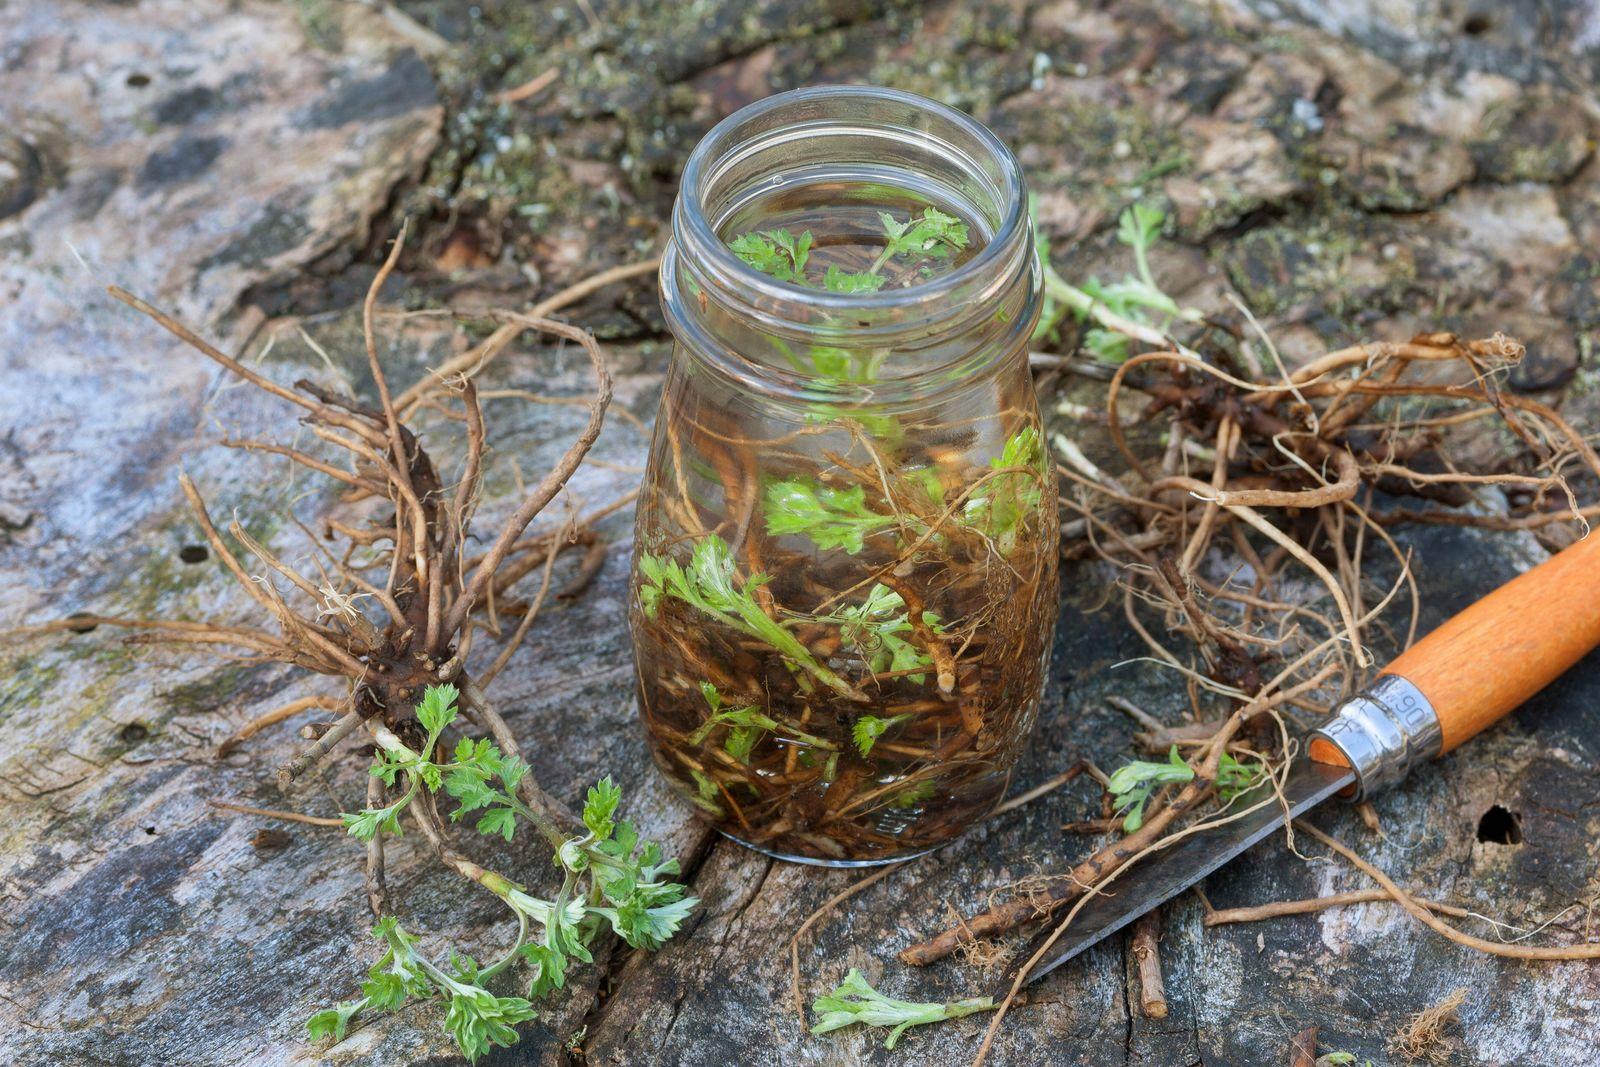 Gemeiner Beifuss, Gewoehnlicher Beifuss, Beifuss (Artemisia vulgaris), geerntete Beifusswurzeln, Ansatz einer Wurzeltink